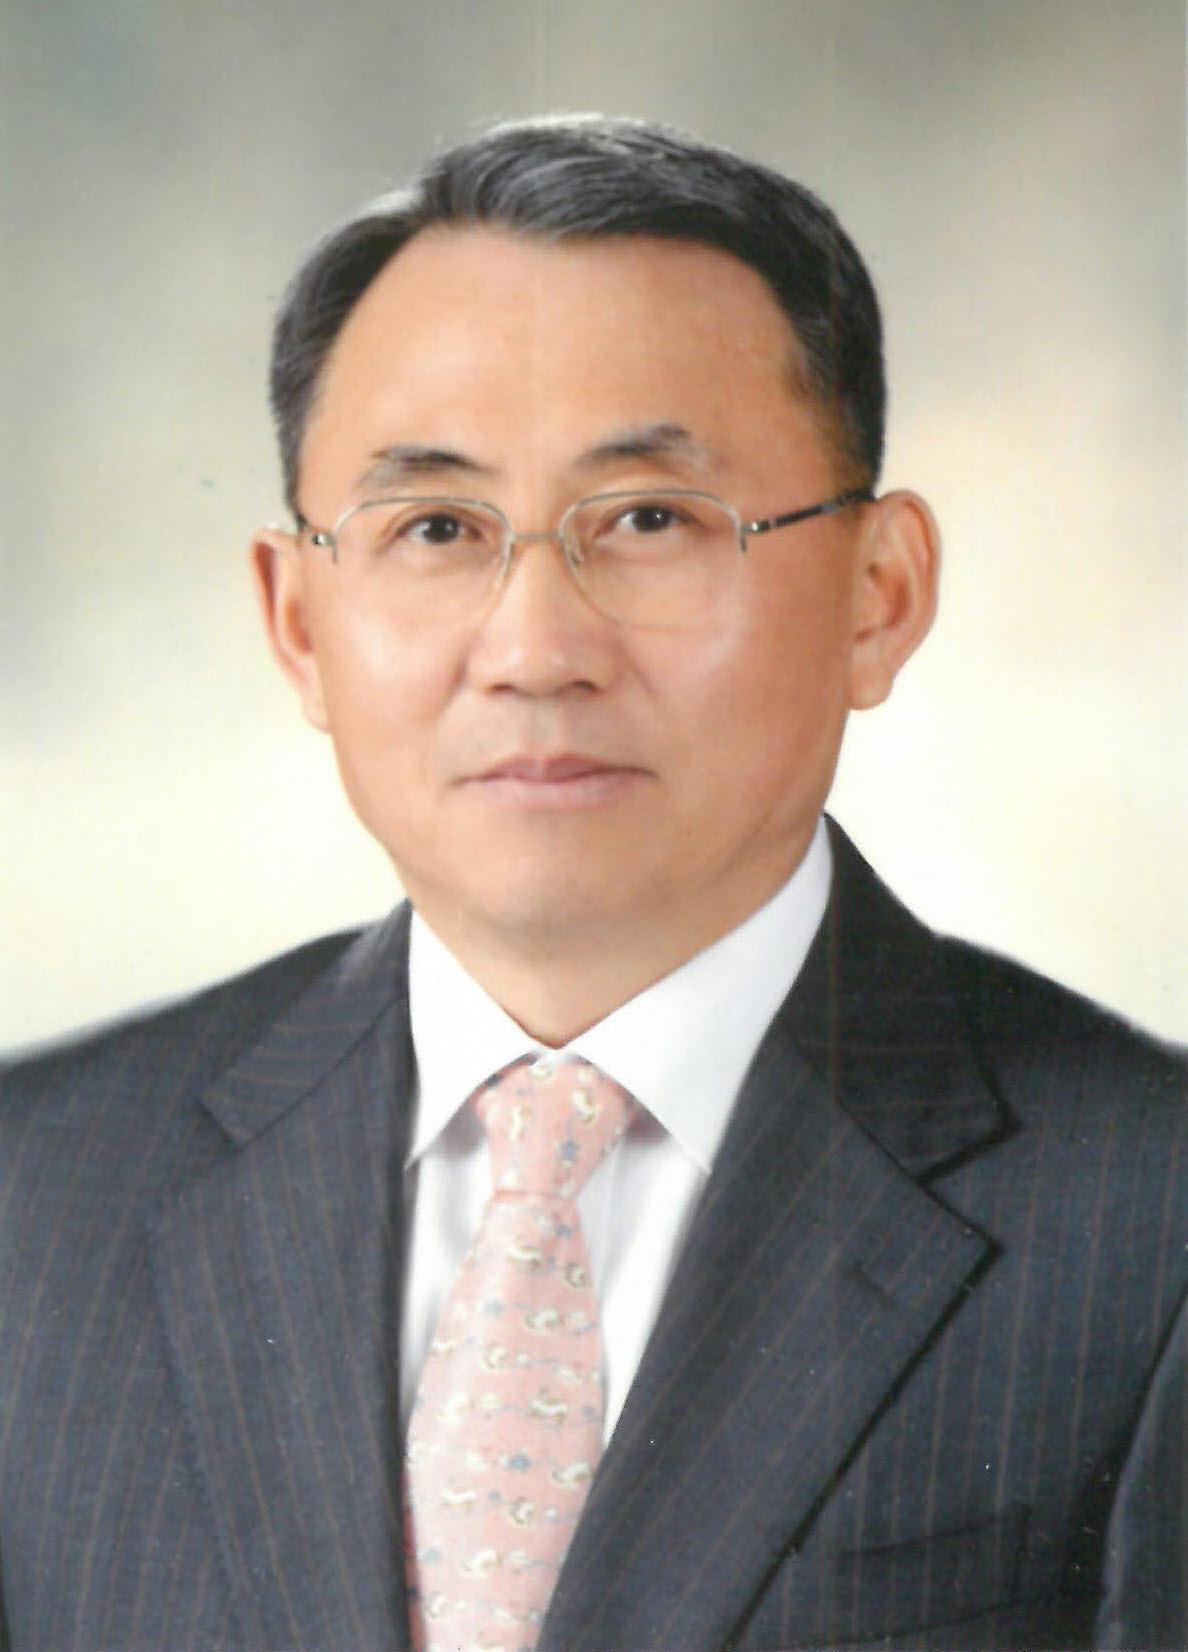 Mo Jong-hwa (Yonhap)